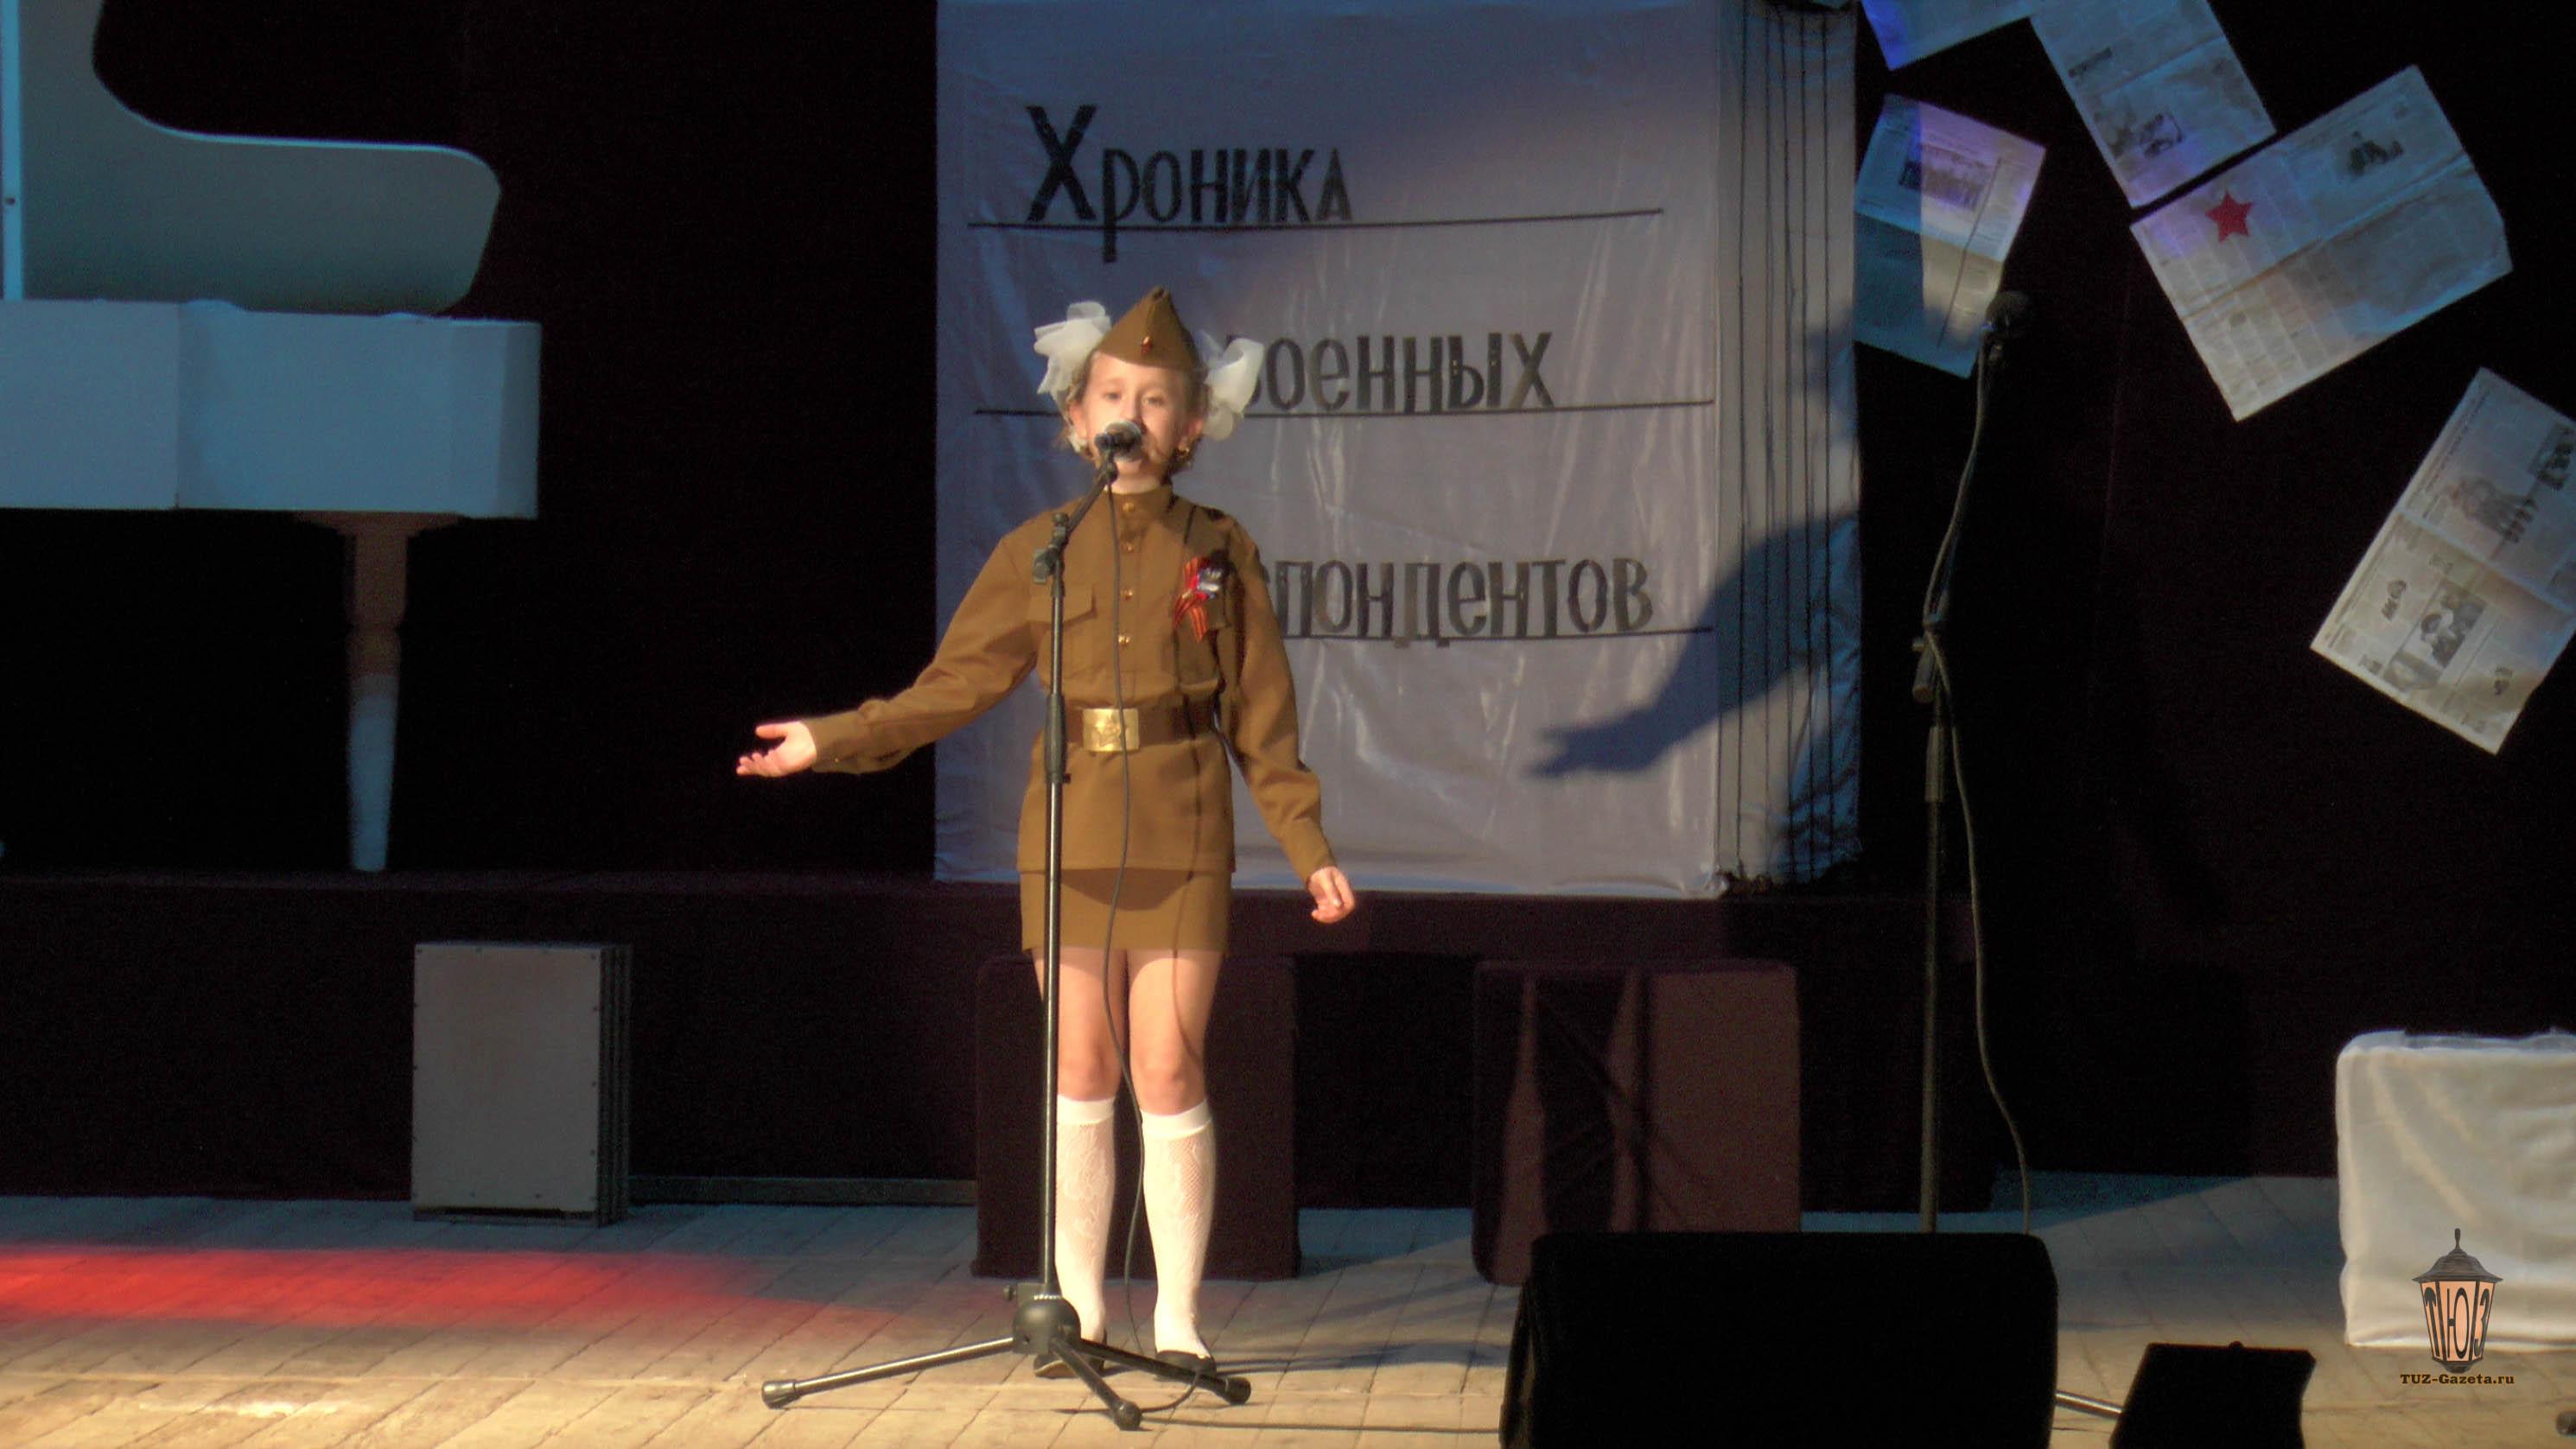 Хроники военных корреспондентов-39